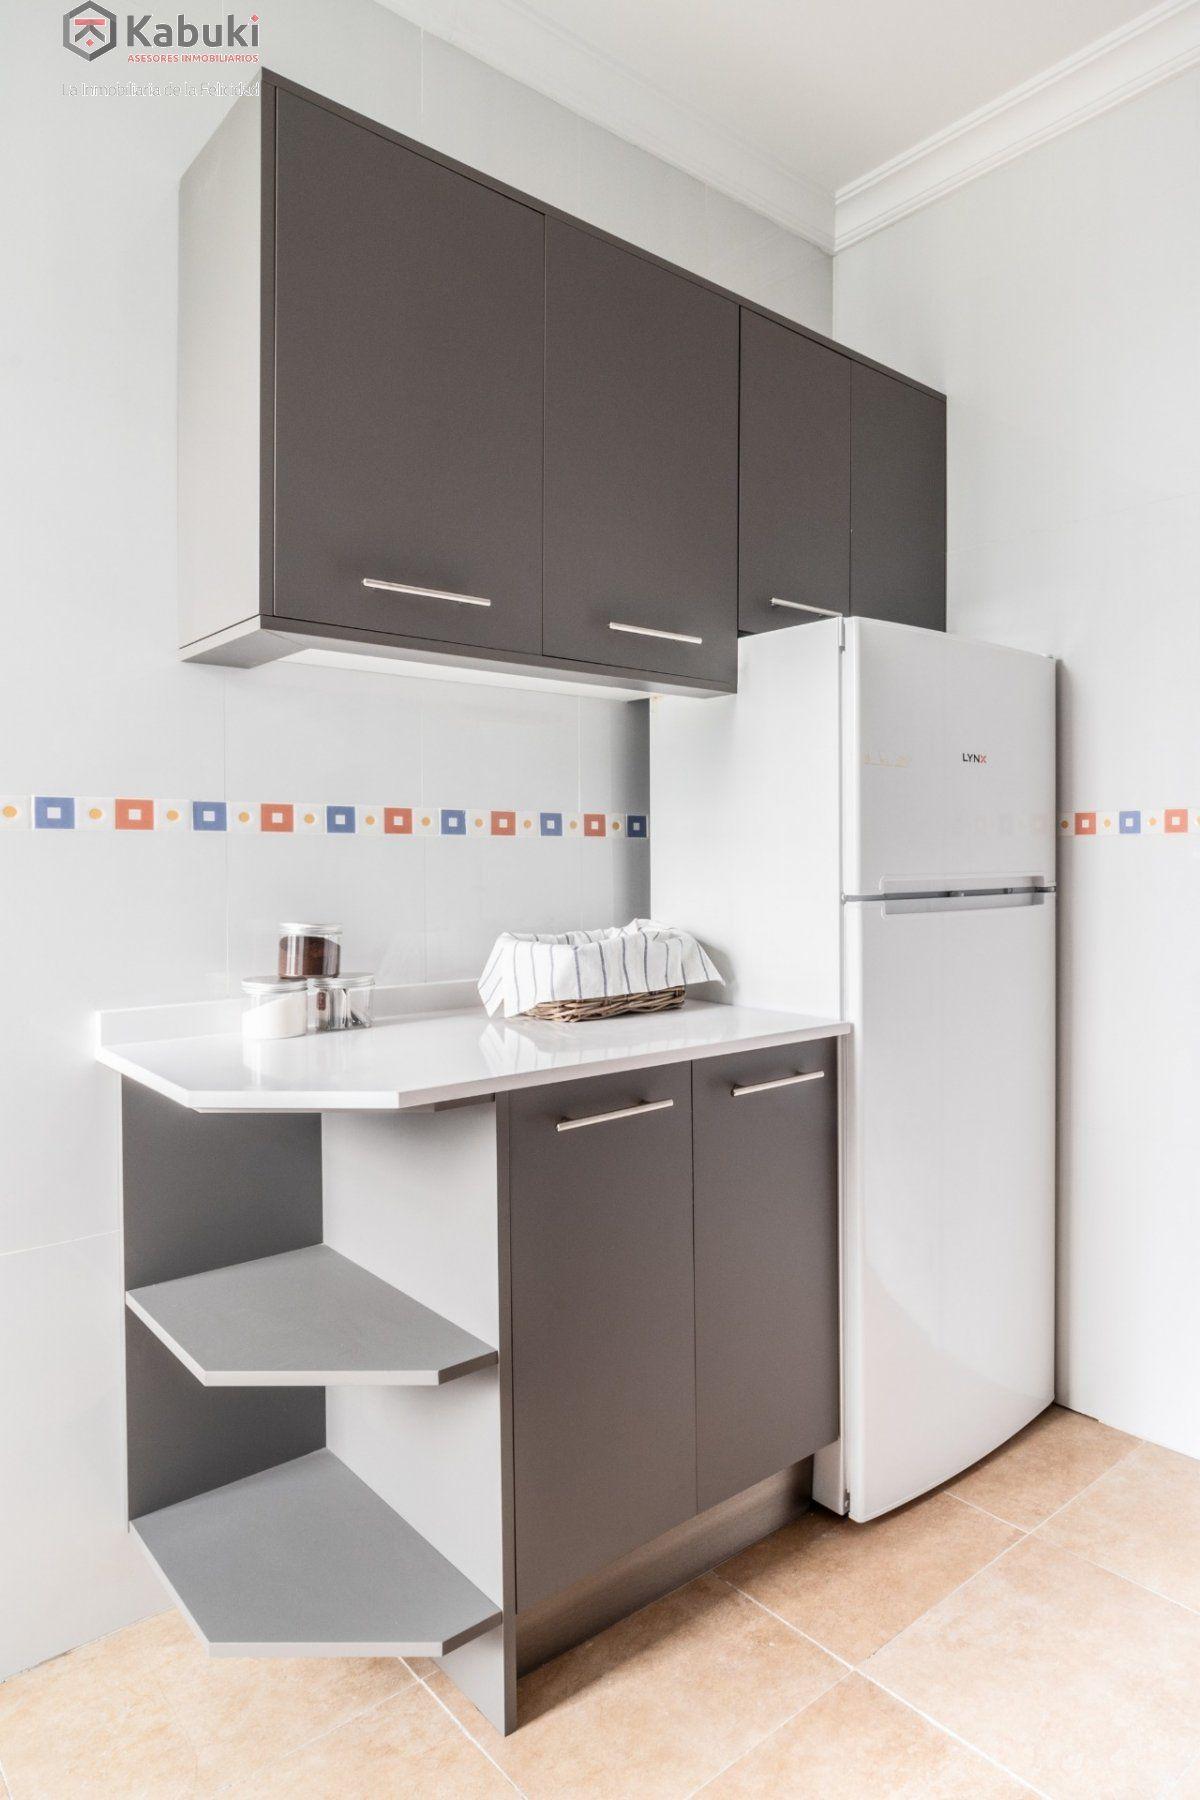 Magnífico inmueble de dos dormitorios en gran via. de estilo moderno, sentirás todo el con - imagenInmueble20